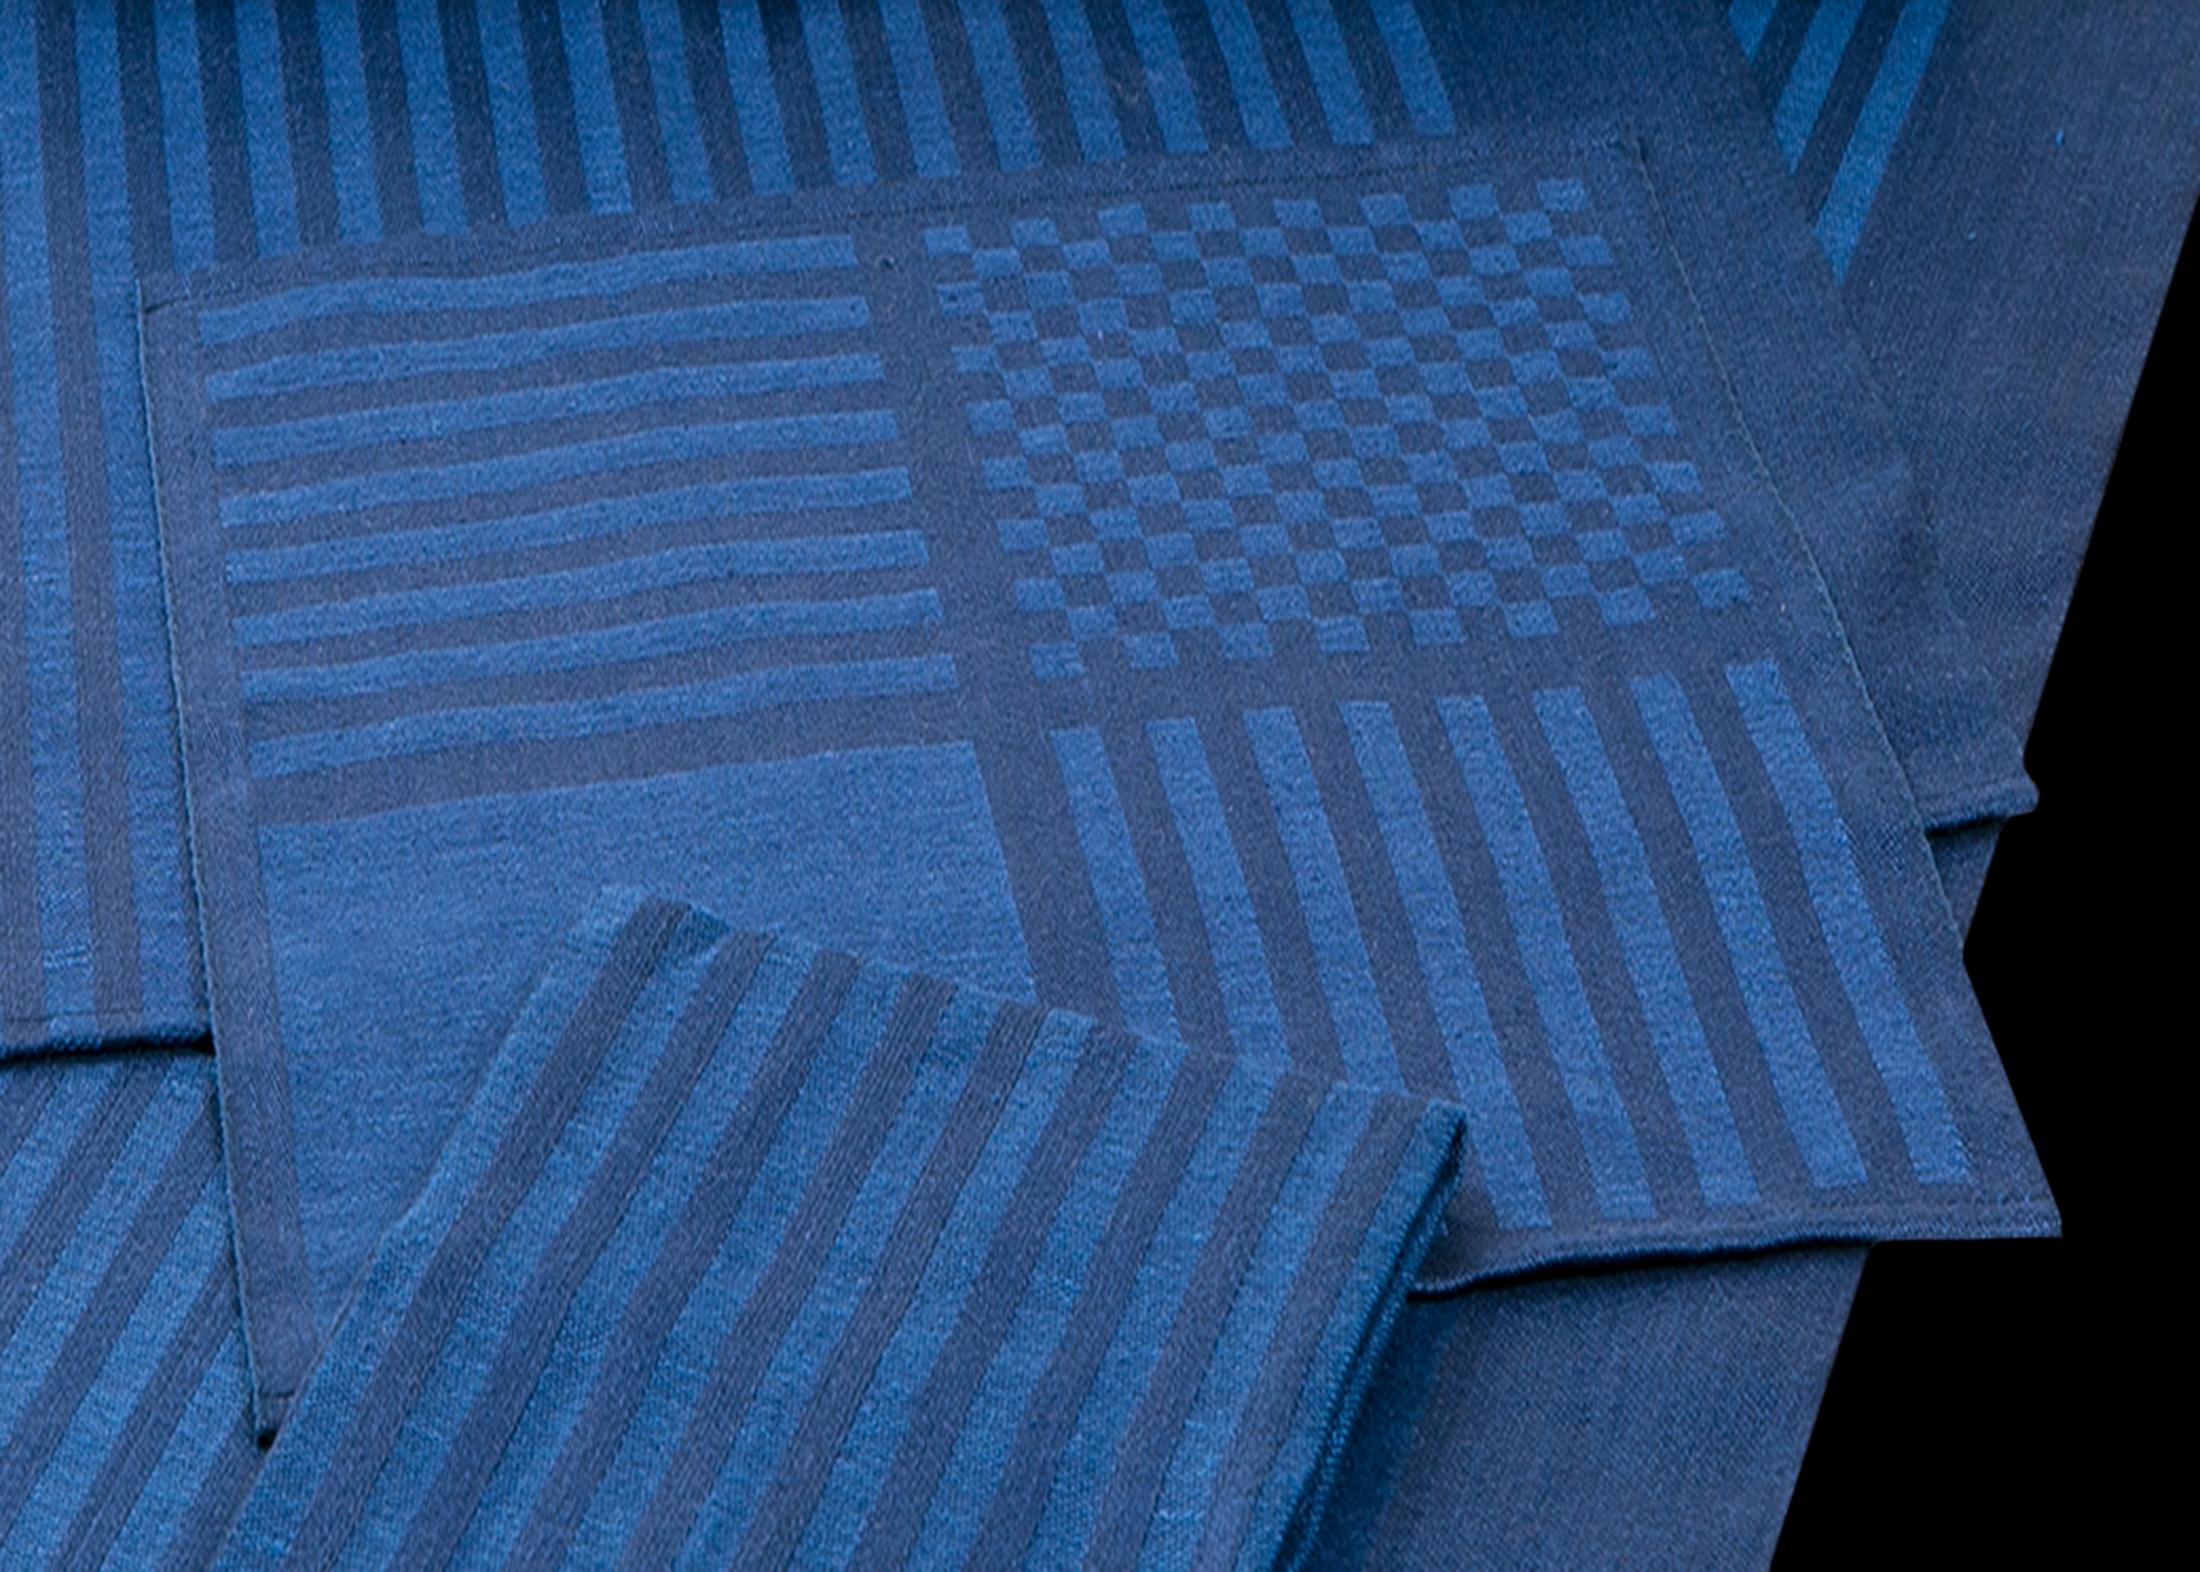 Blå servett Klässbols linneväveri Hanne Vedel design